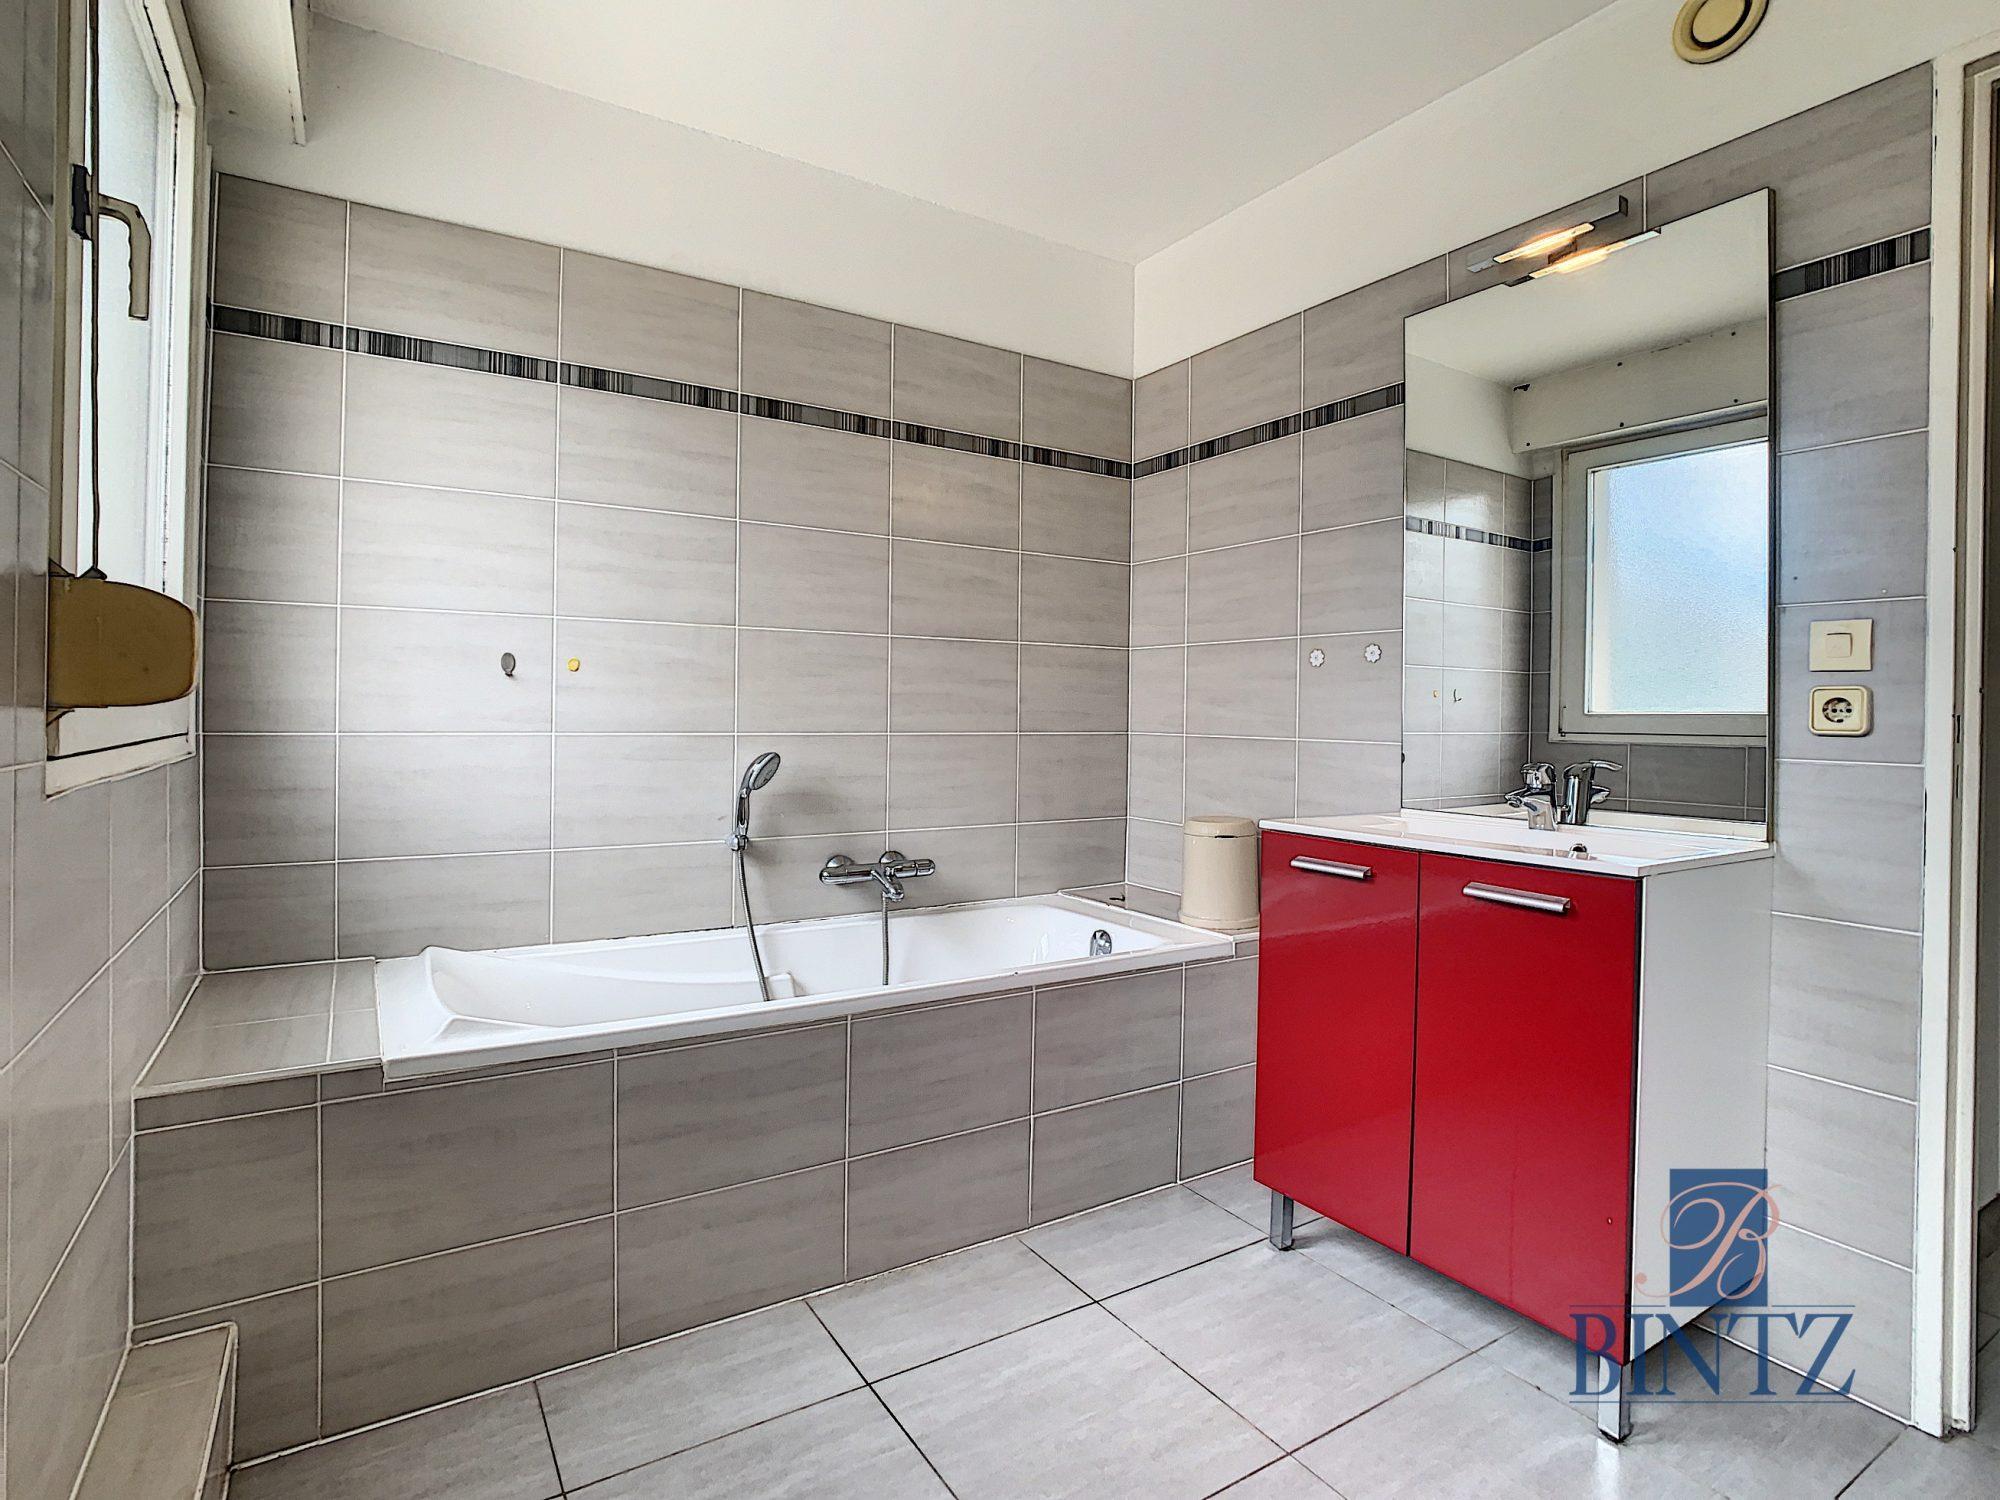 Appartement traversant 4 pièces 97,5m2 à Oberhausbergen - Devenez propriétaire en toute confiance - Bintz Immobilier - 9